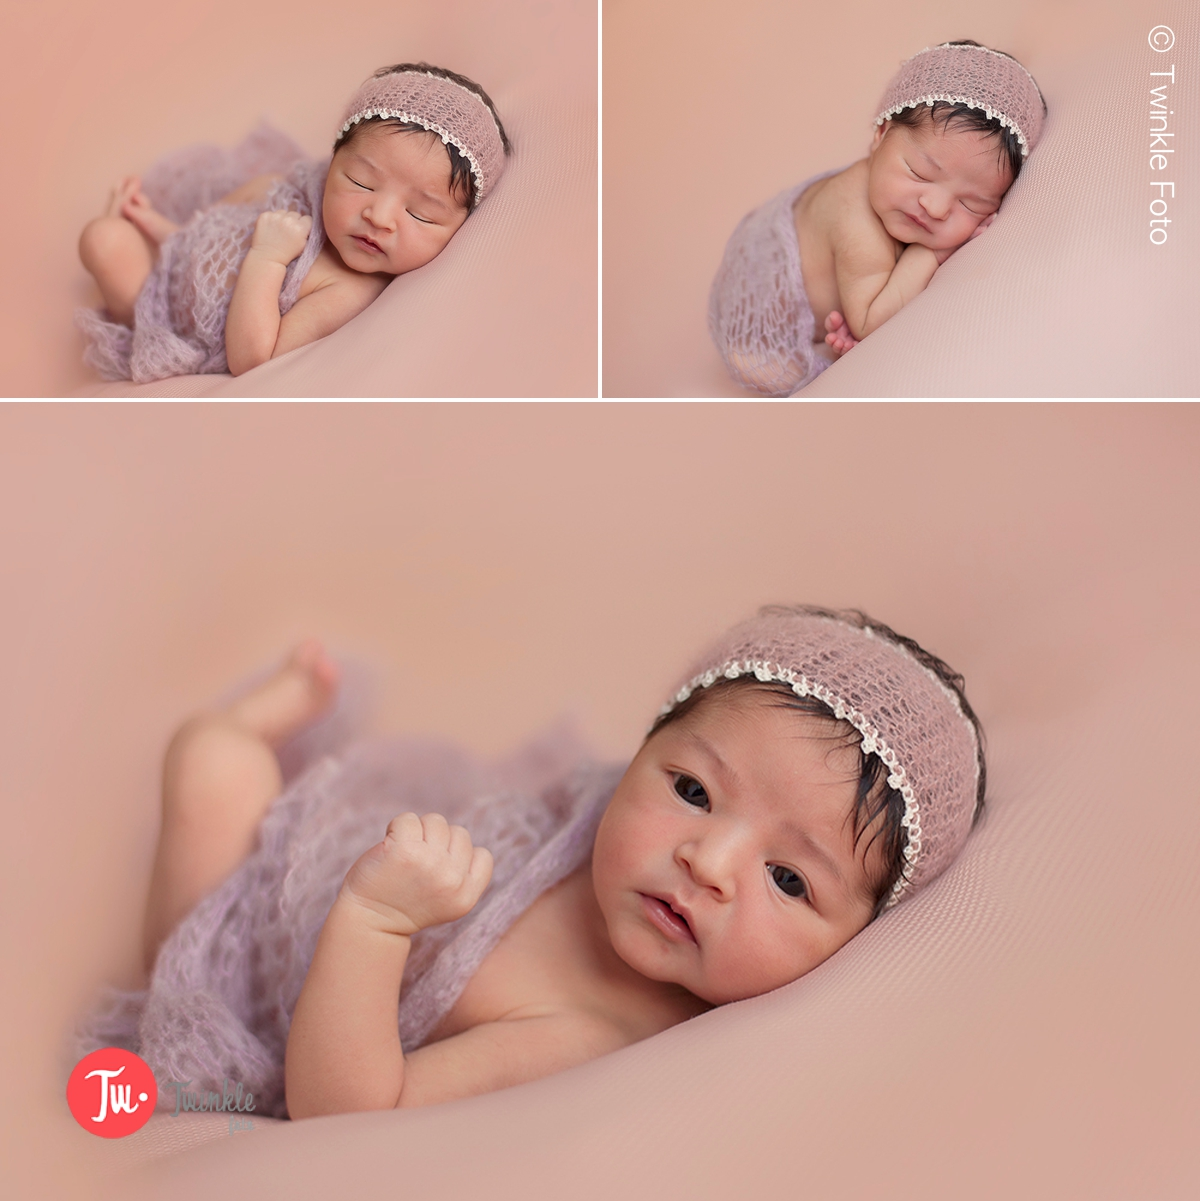 fotos_newborn_bebe_valencia_ las mejores fotos de bebes_amparo palop_02 SESION NEWBORN EN VALENCIA